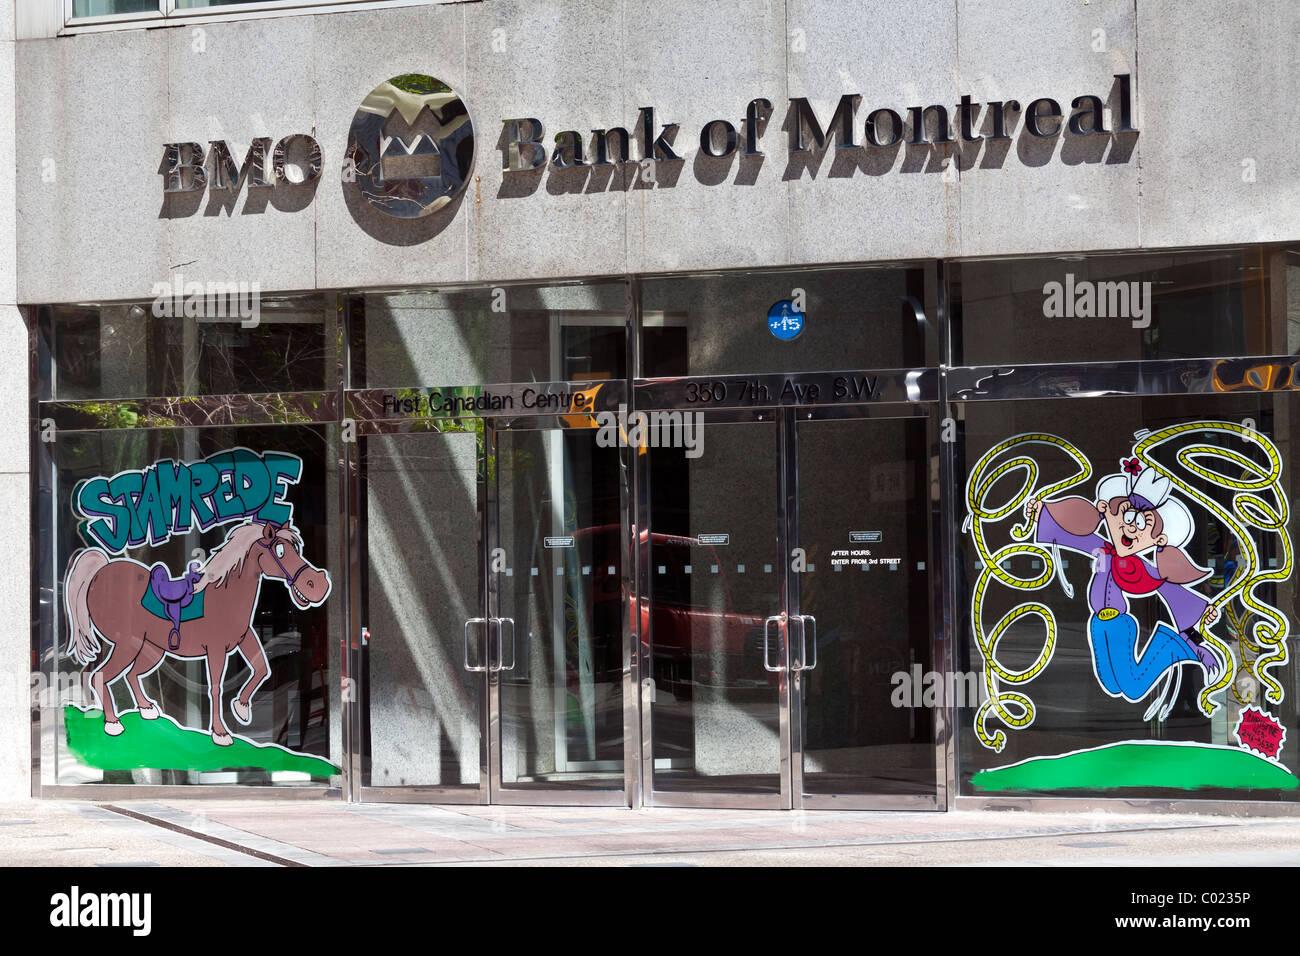 Bank of Montreal front facade Calgary, Canada - Stock Image